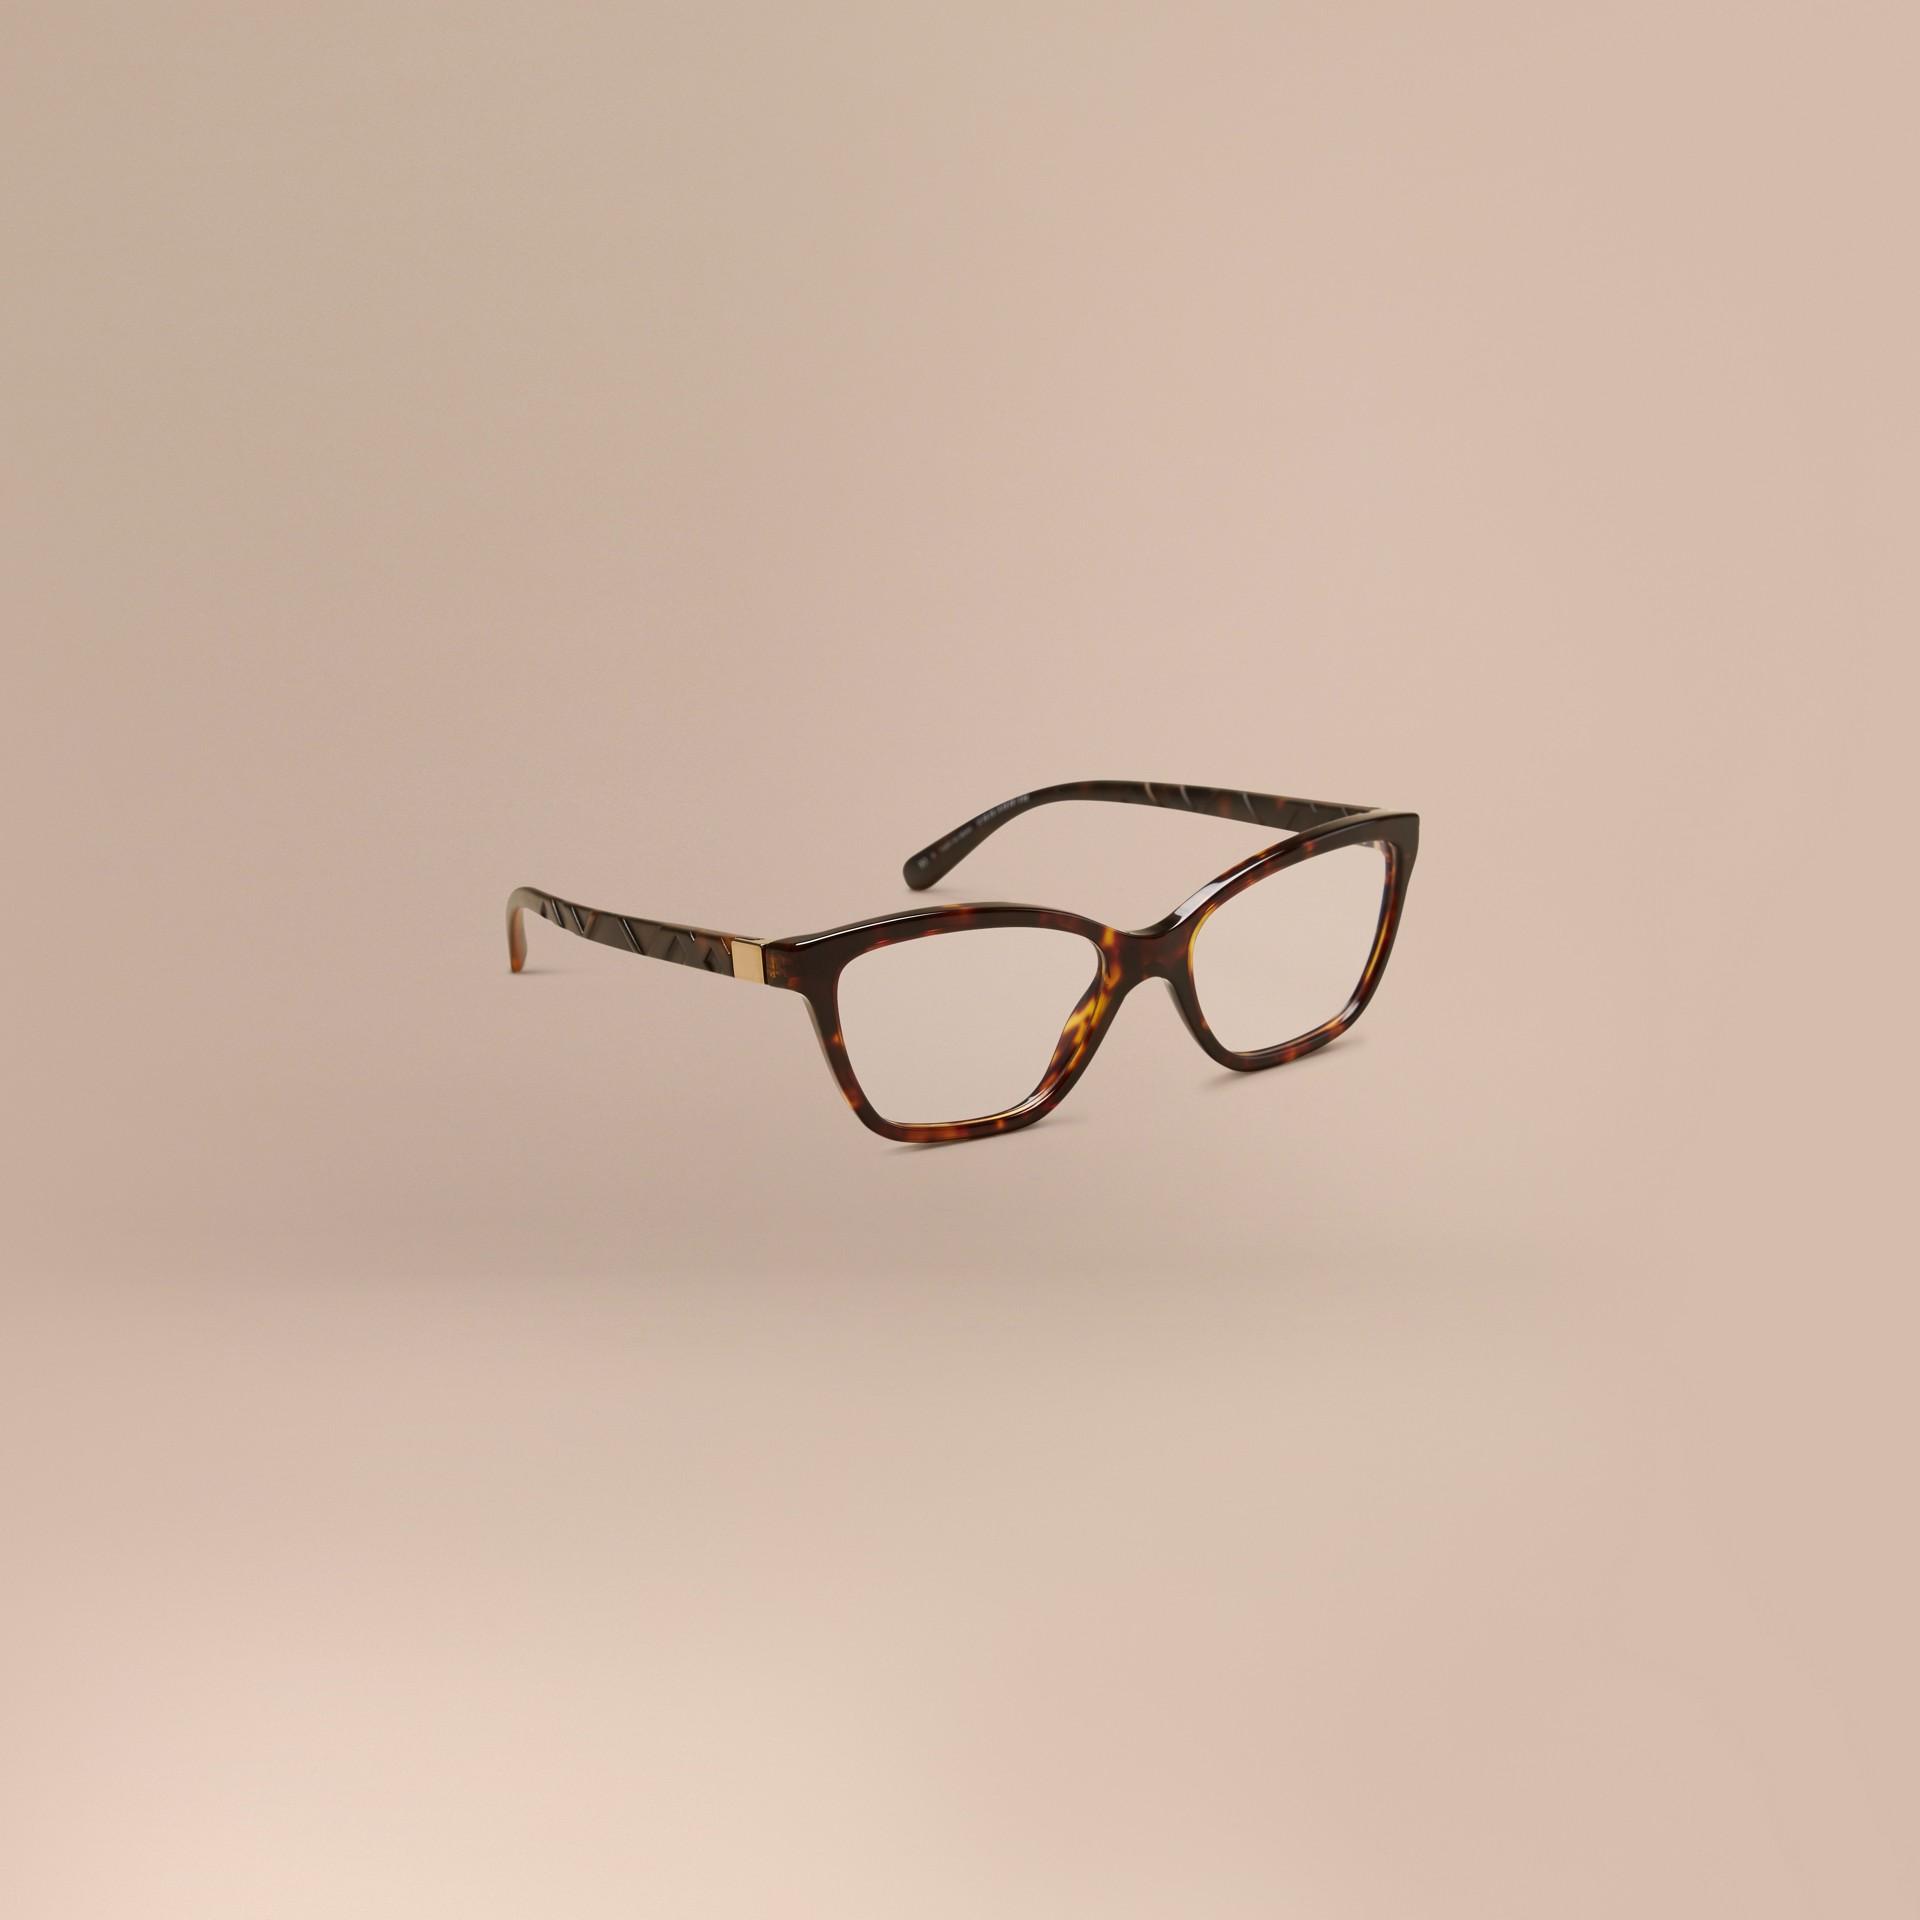 Écaille de tortue Monture œil de chat pour lunettes de vue à motif check Écaille  Tortue - photo de la galerie 1